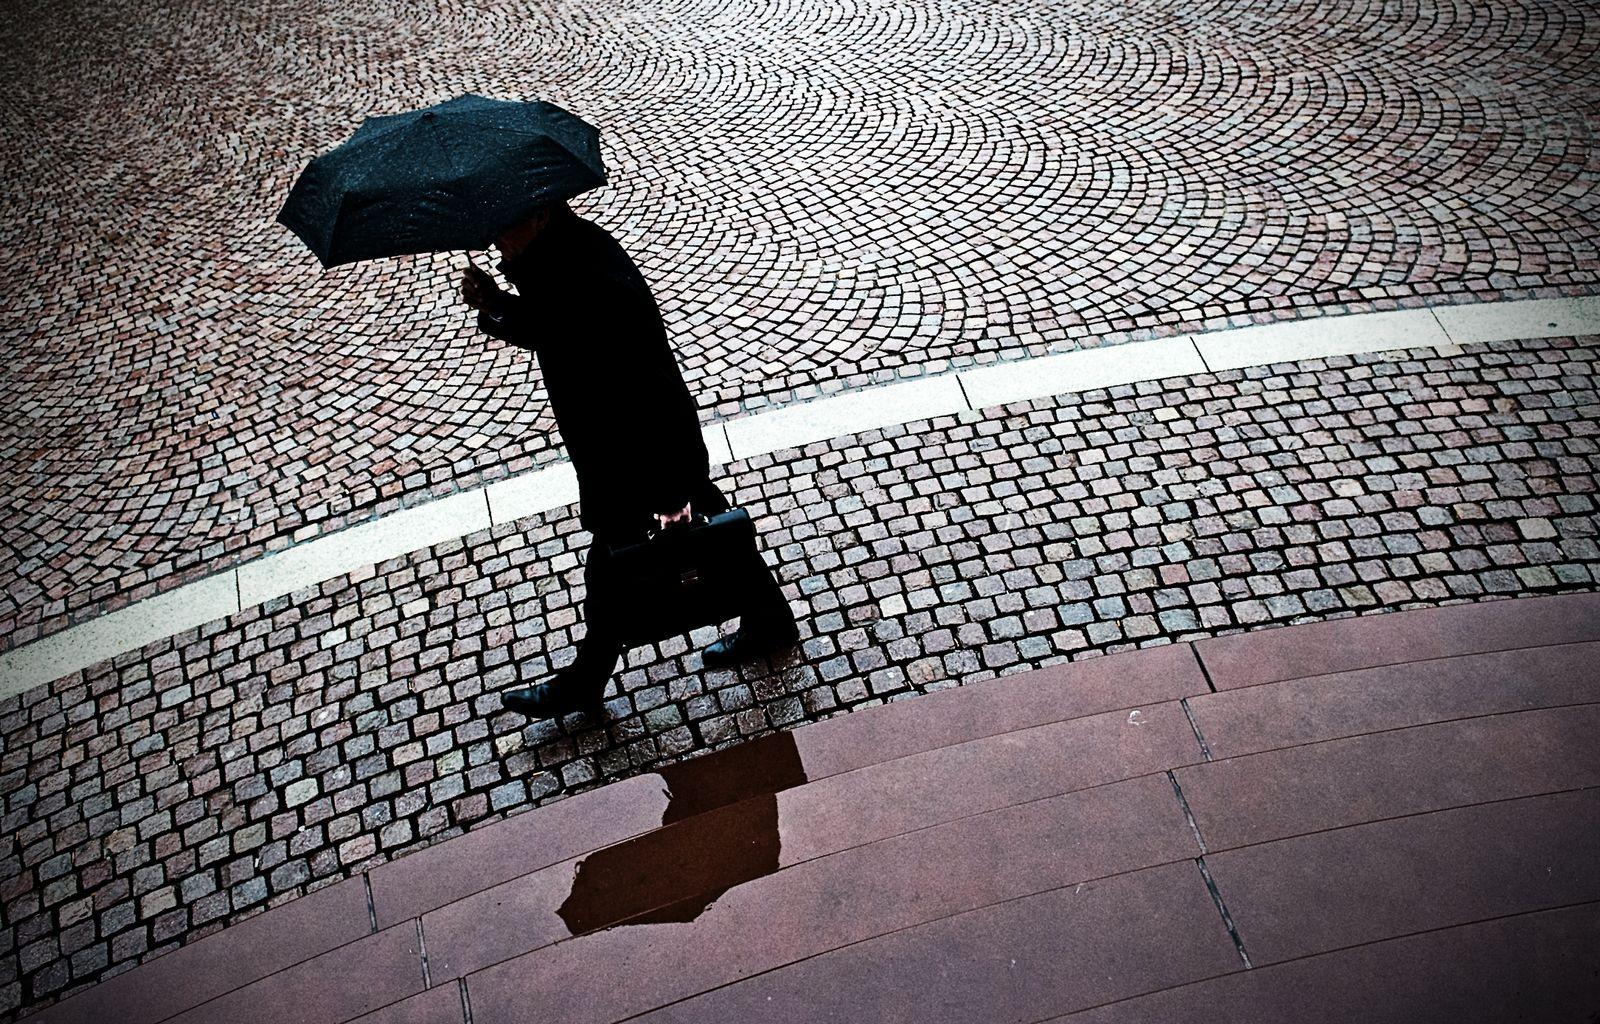 Symbolbild / Stress / Depression / Regenschirm / Fußgänger / Angst / Psychologische Störung